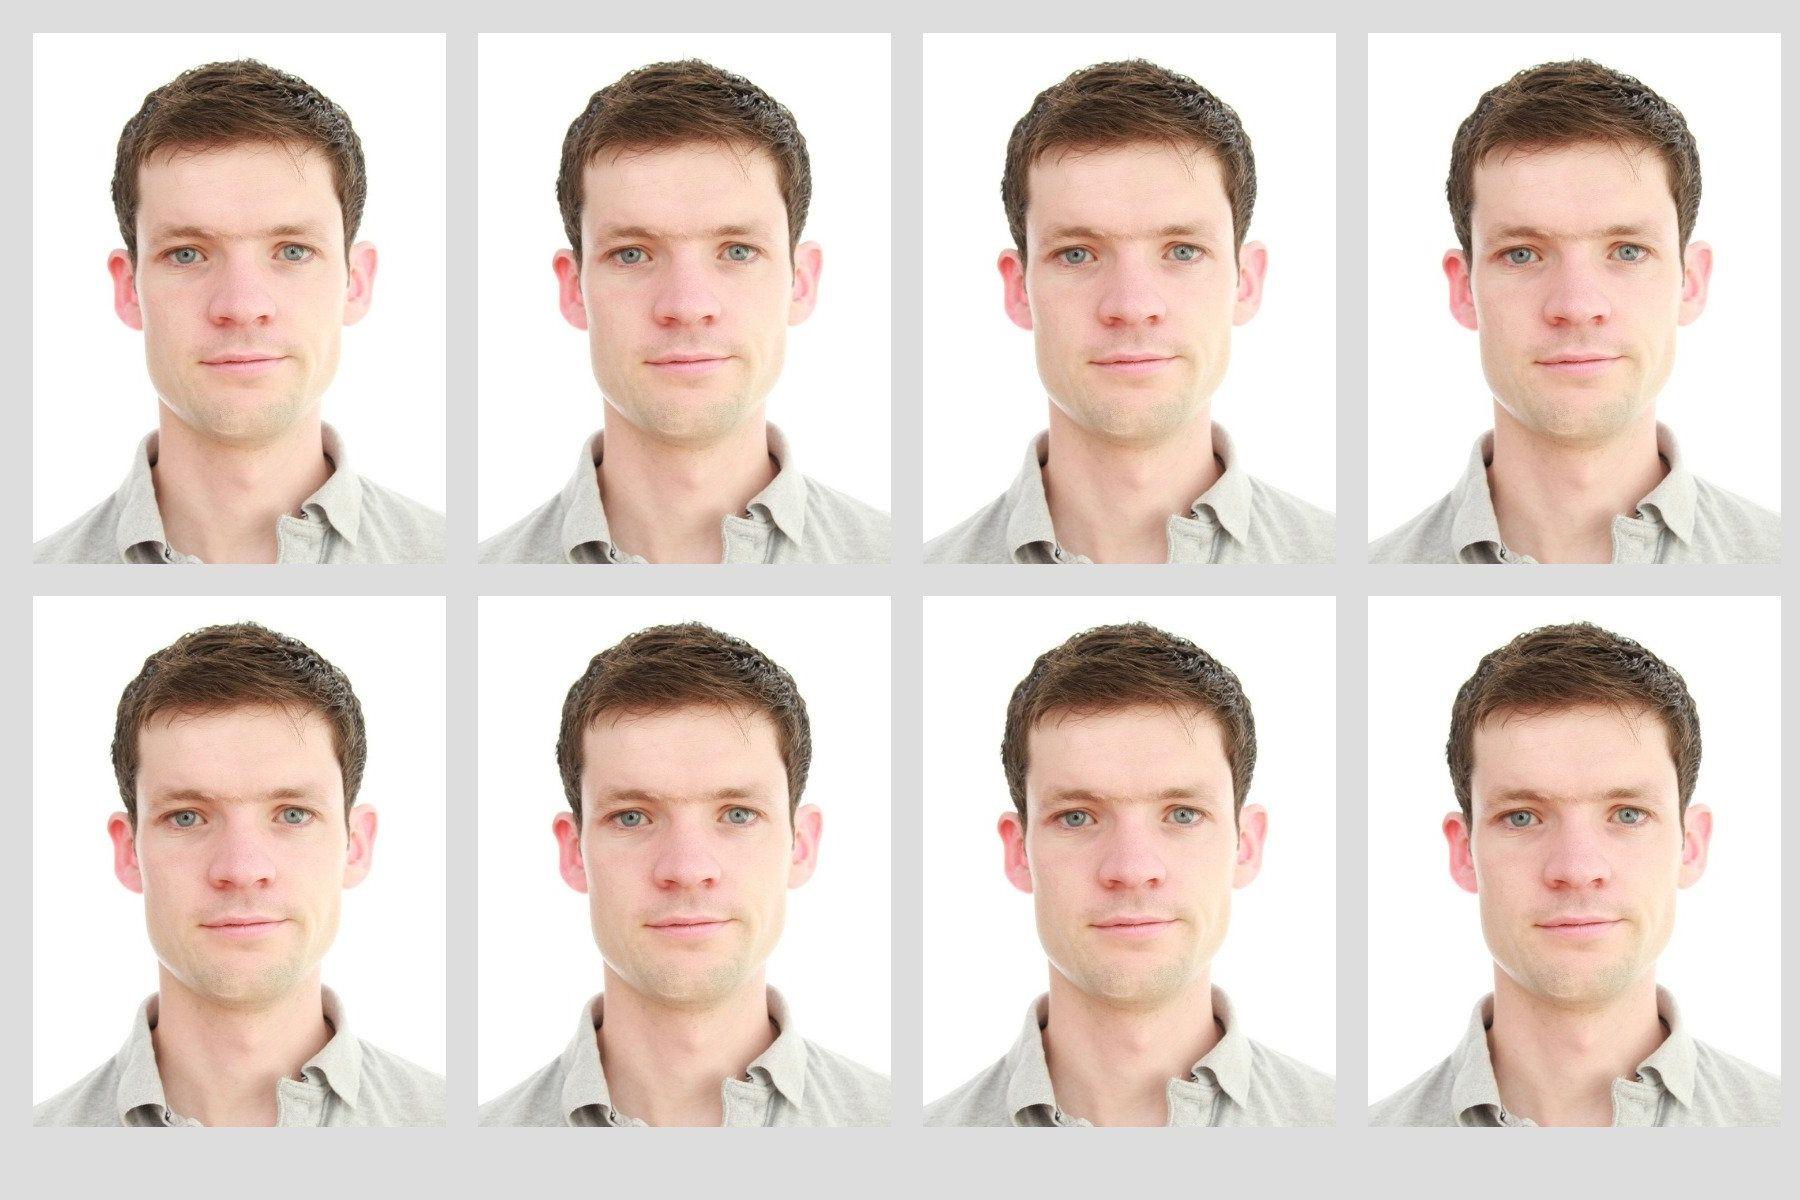 Сделать фото на белом фоне приложение